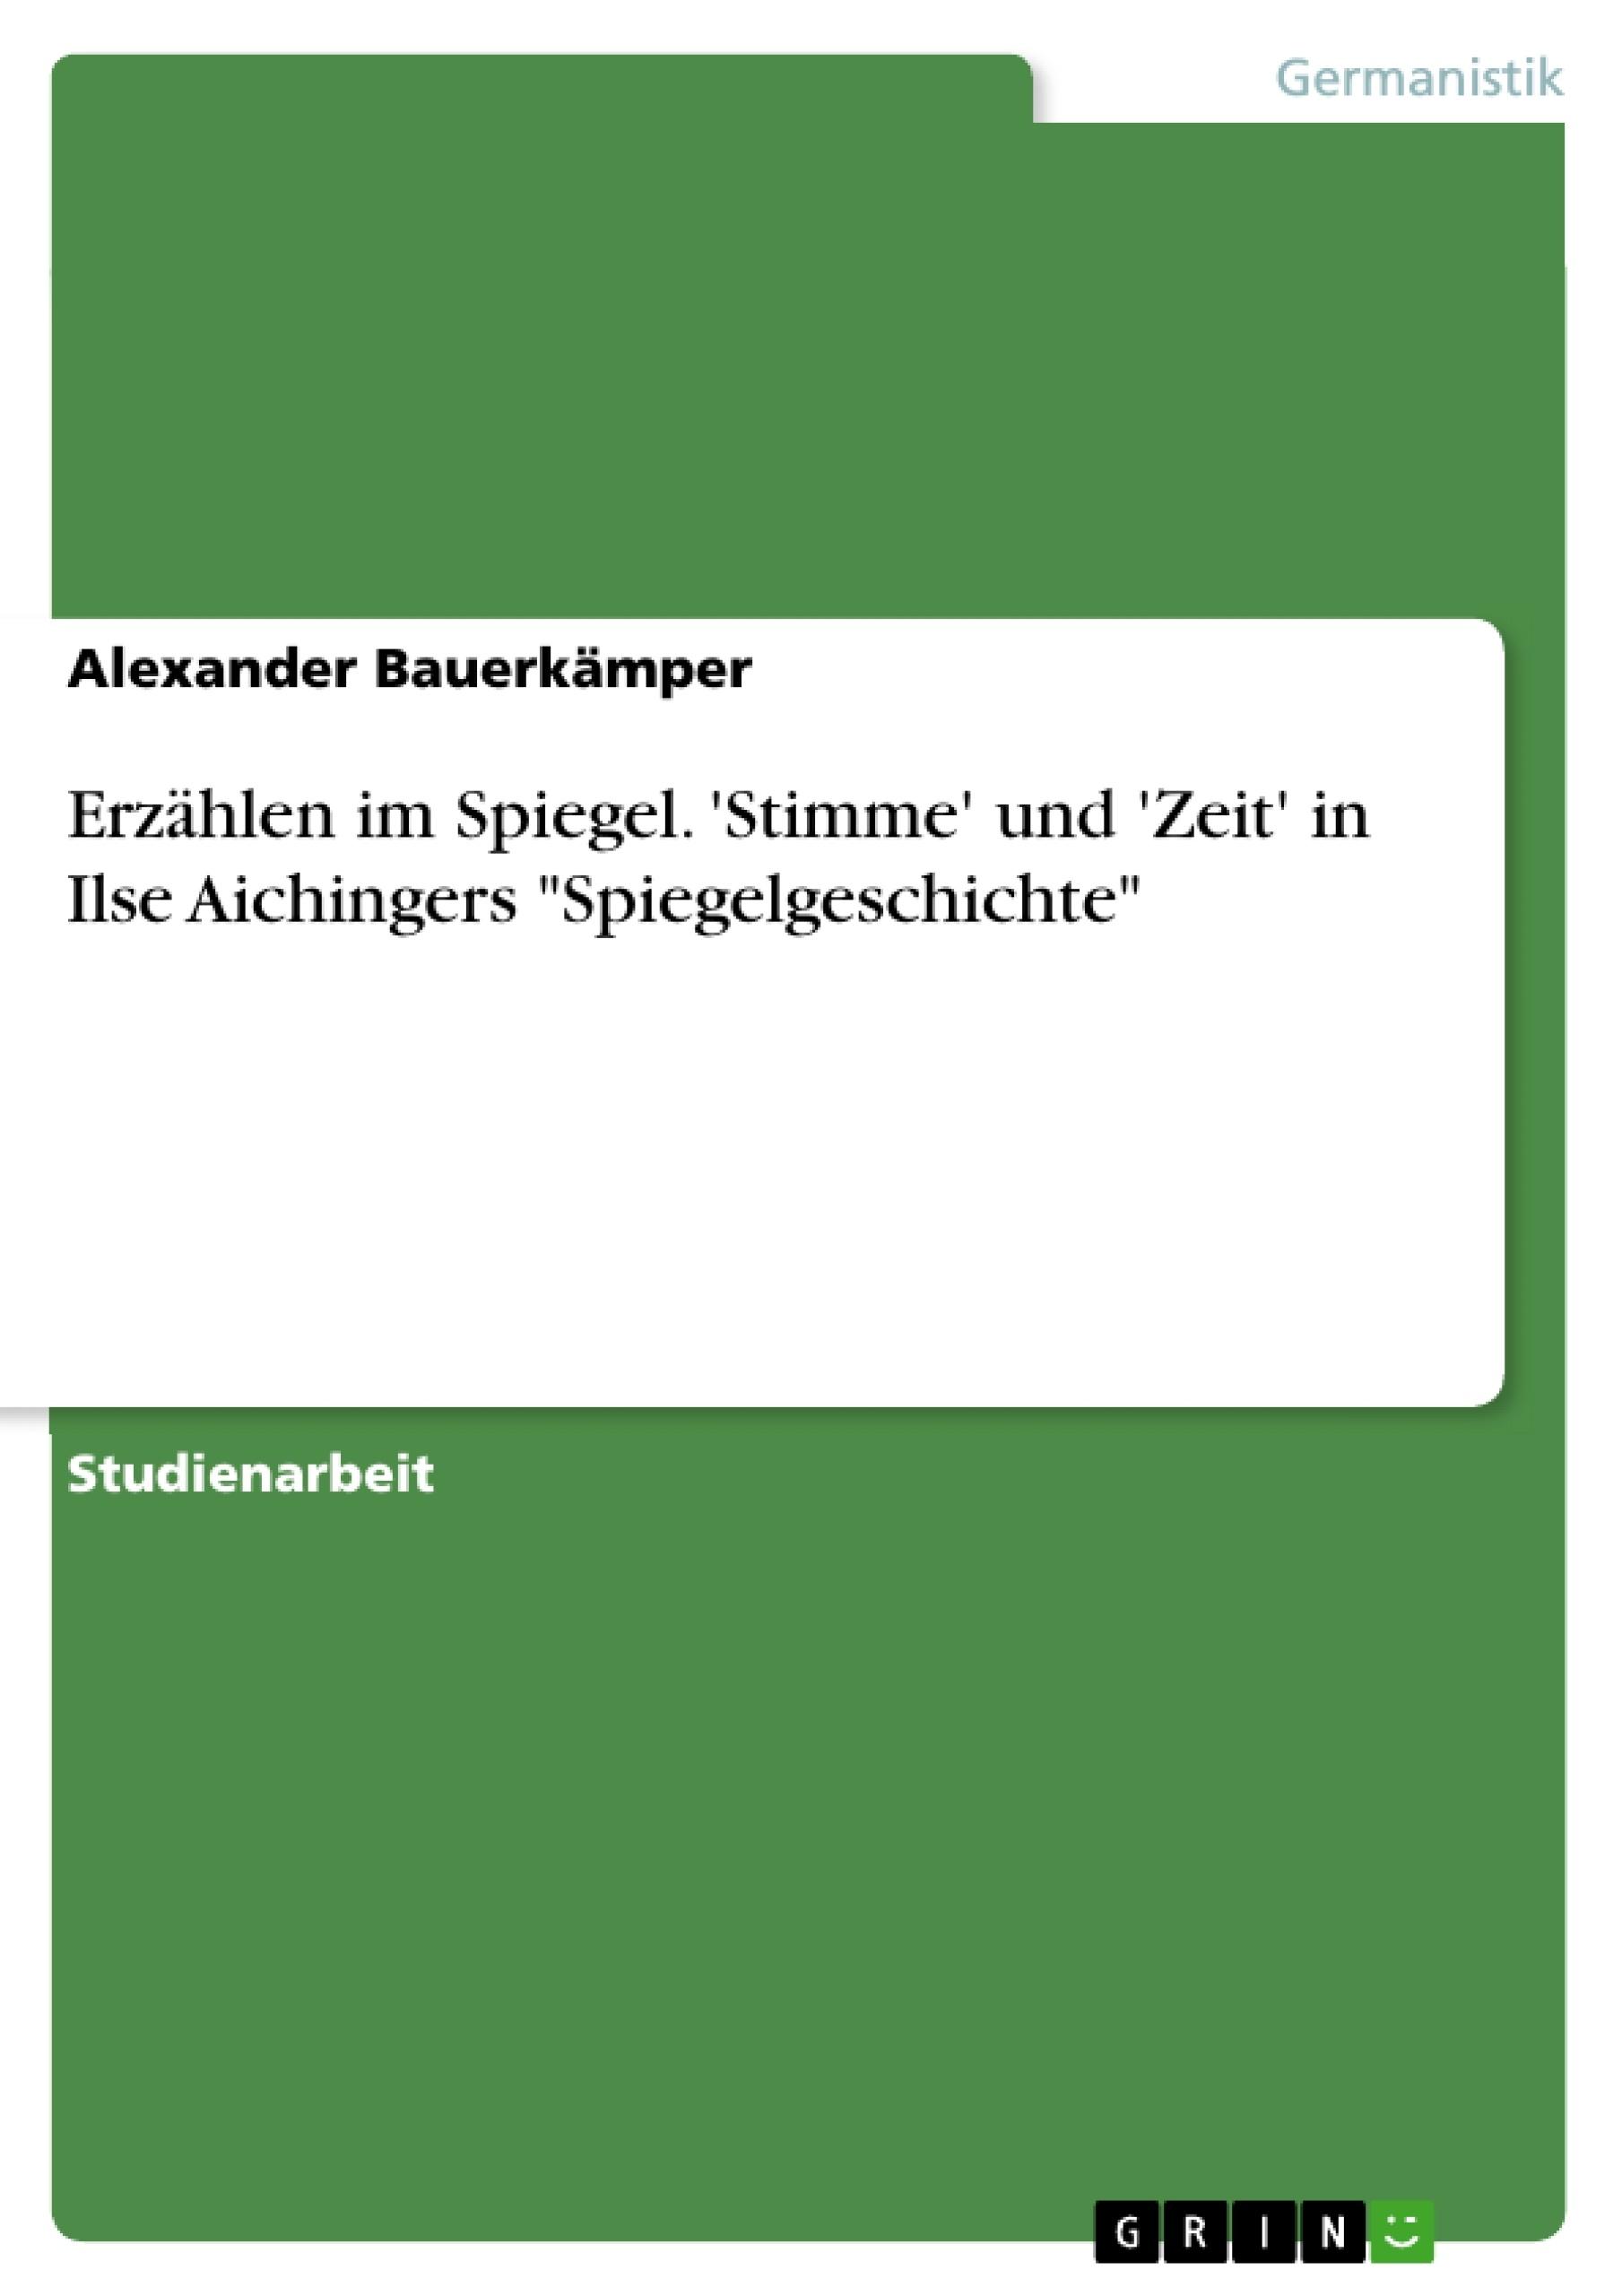 """Titel: Erzählen im Spiegel. 'Stimme' und 'Zeit' in Ilse Aichingers """"Spiegelgeschichte"""""""